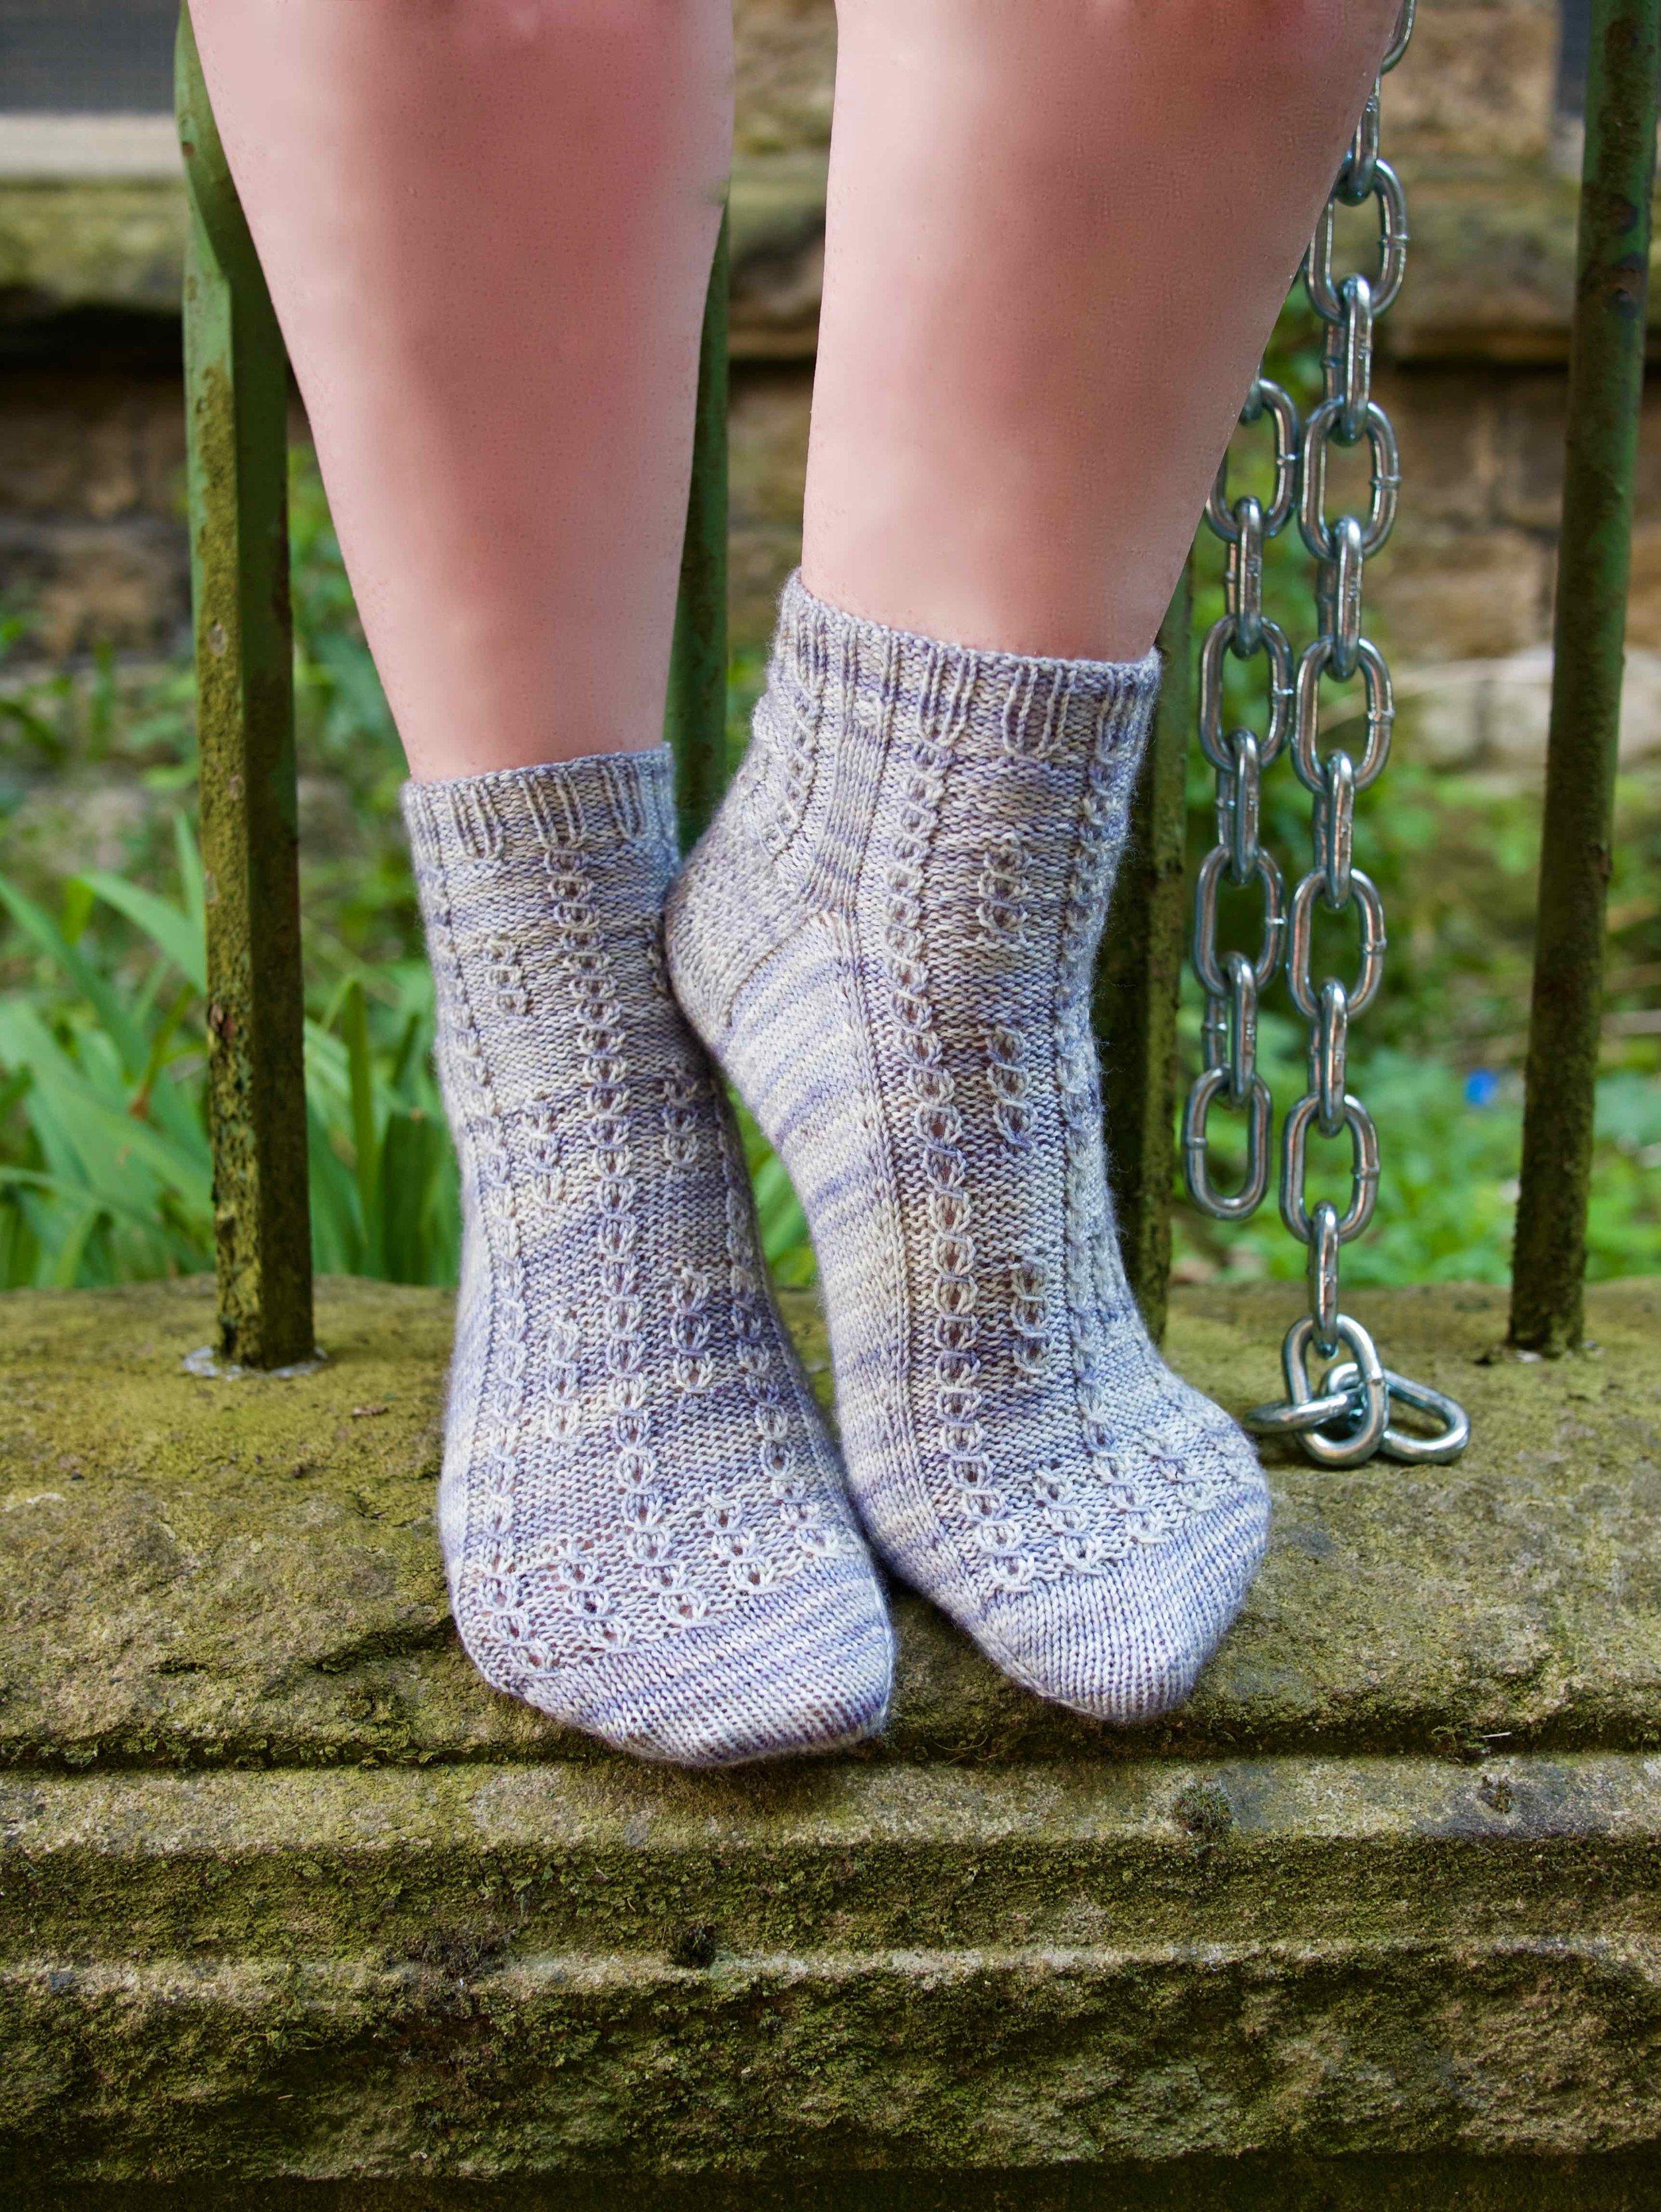 The Chain socks